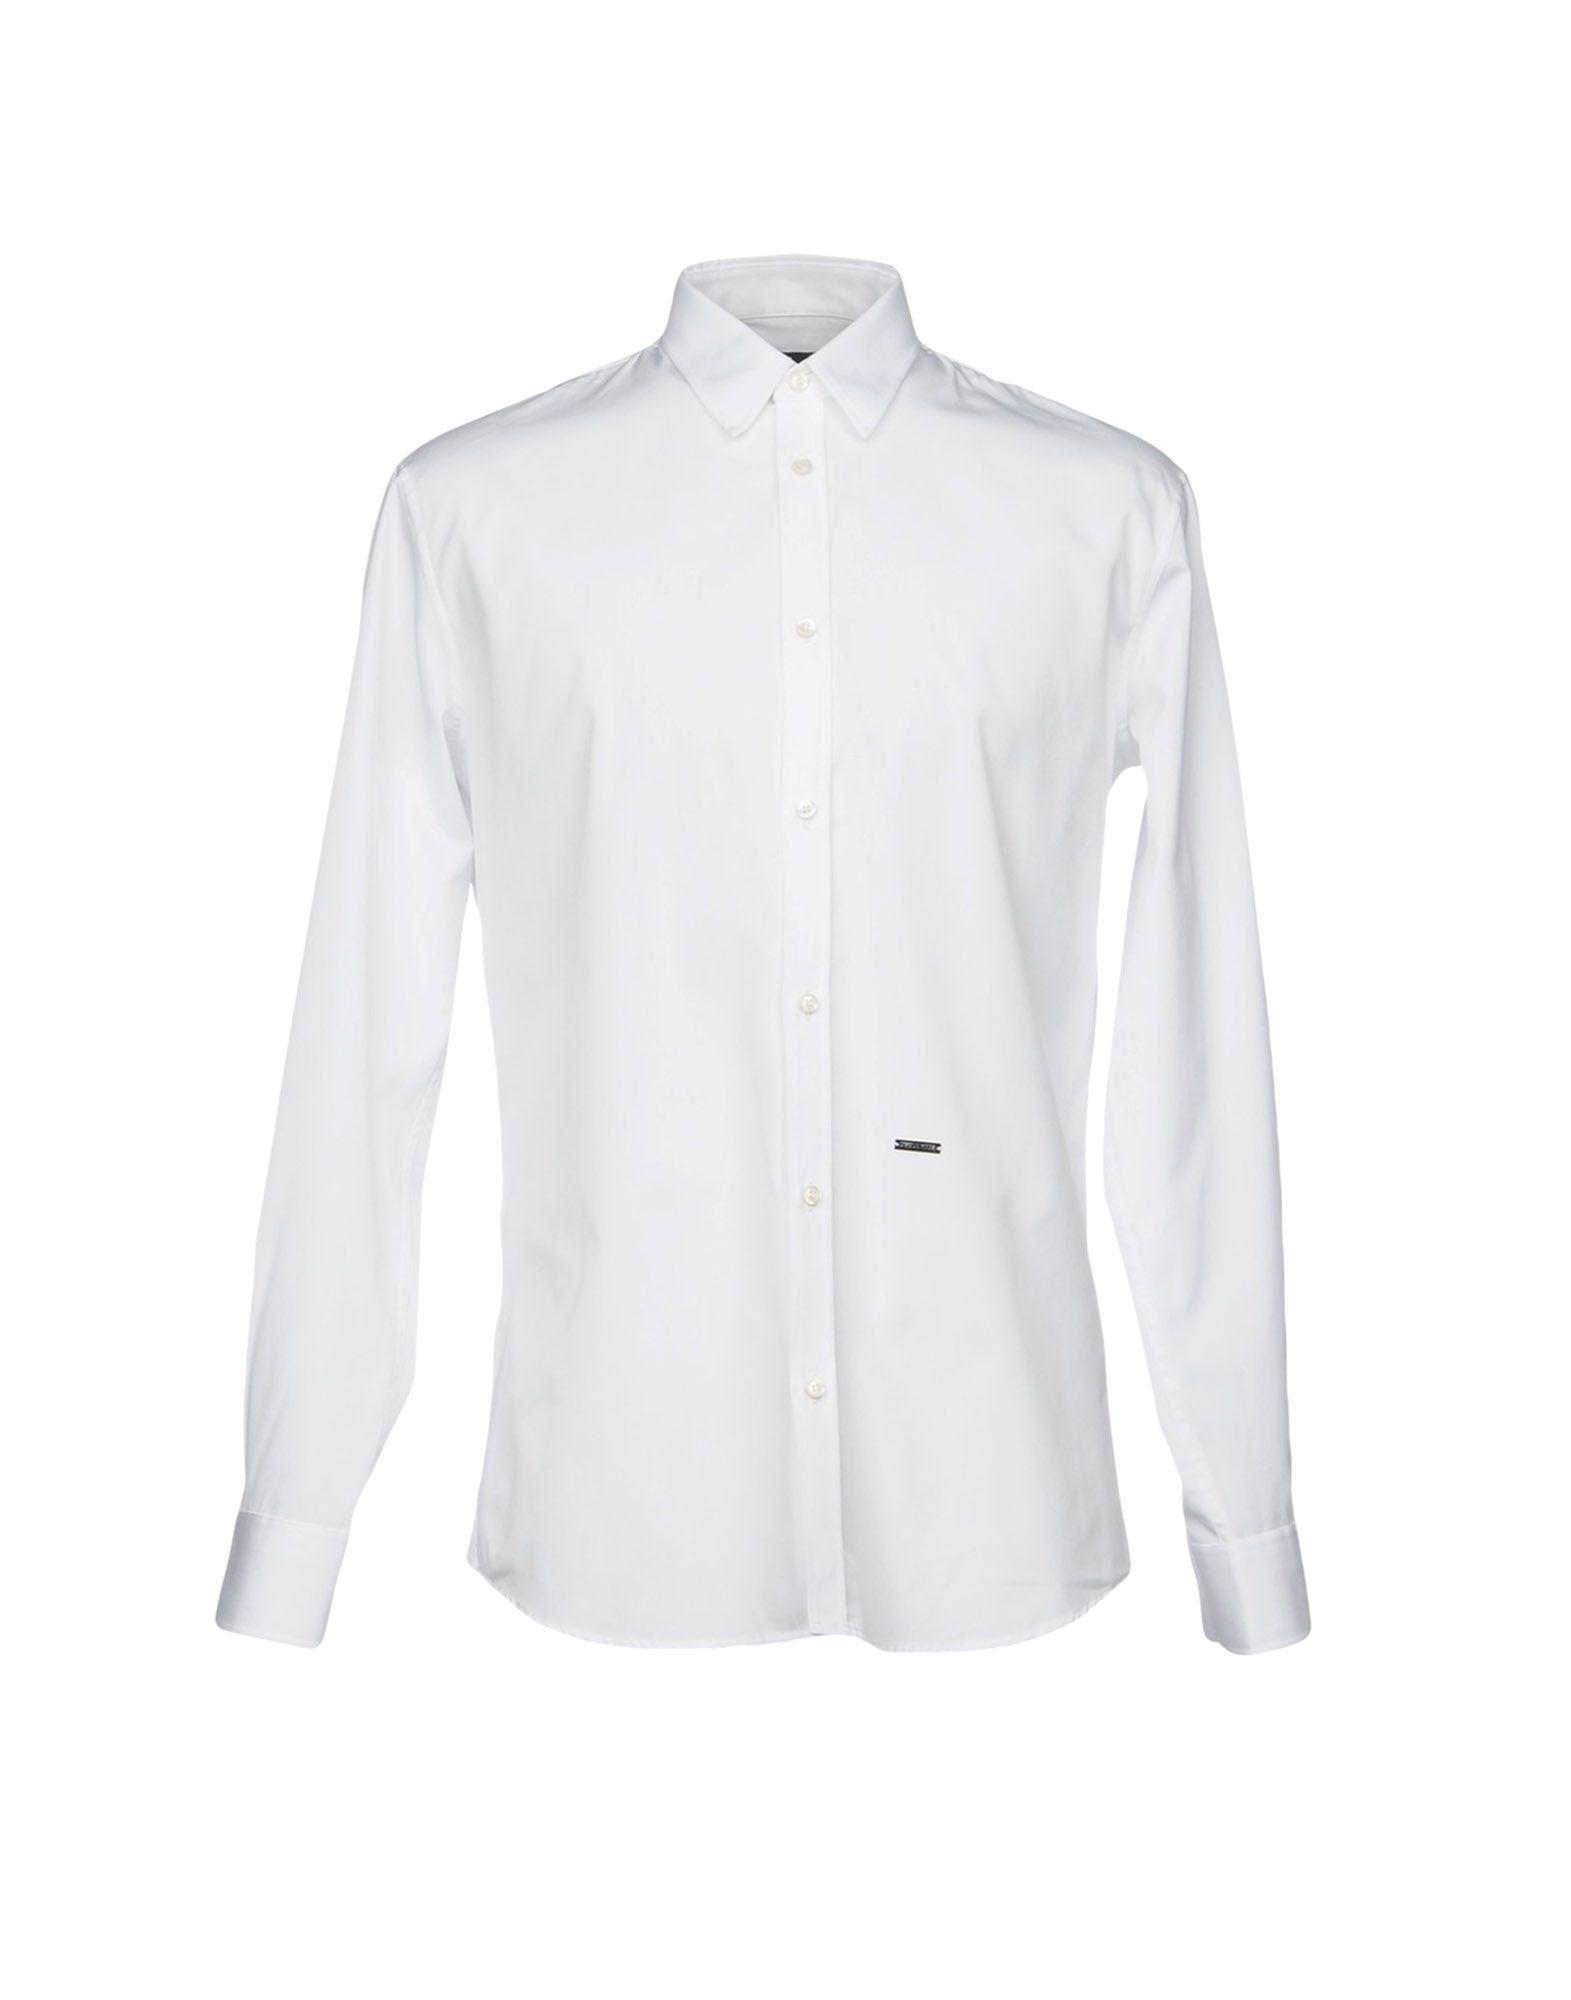 DSQUARED2 Herren Hemd Farbe Weiß Größe 6 - broschei